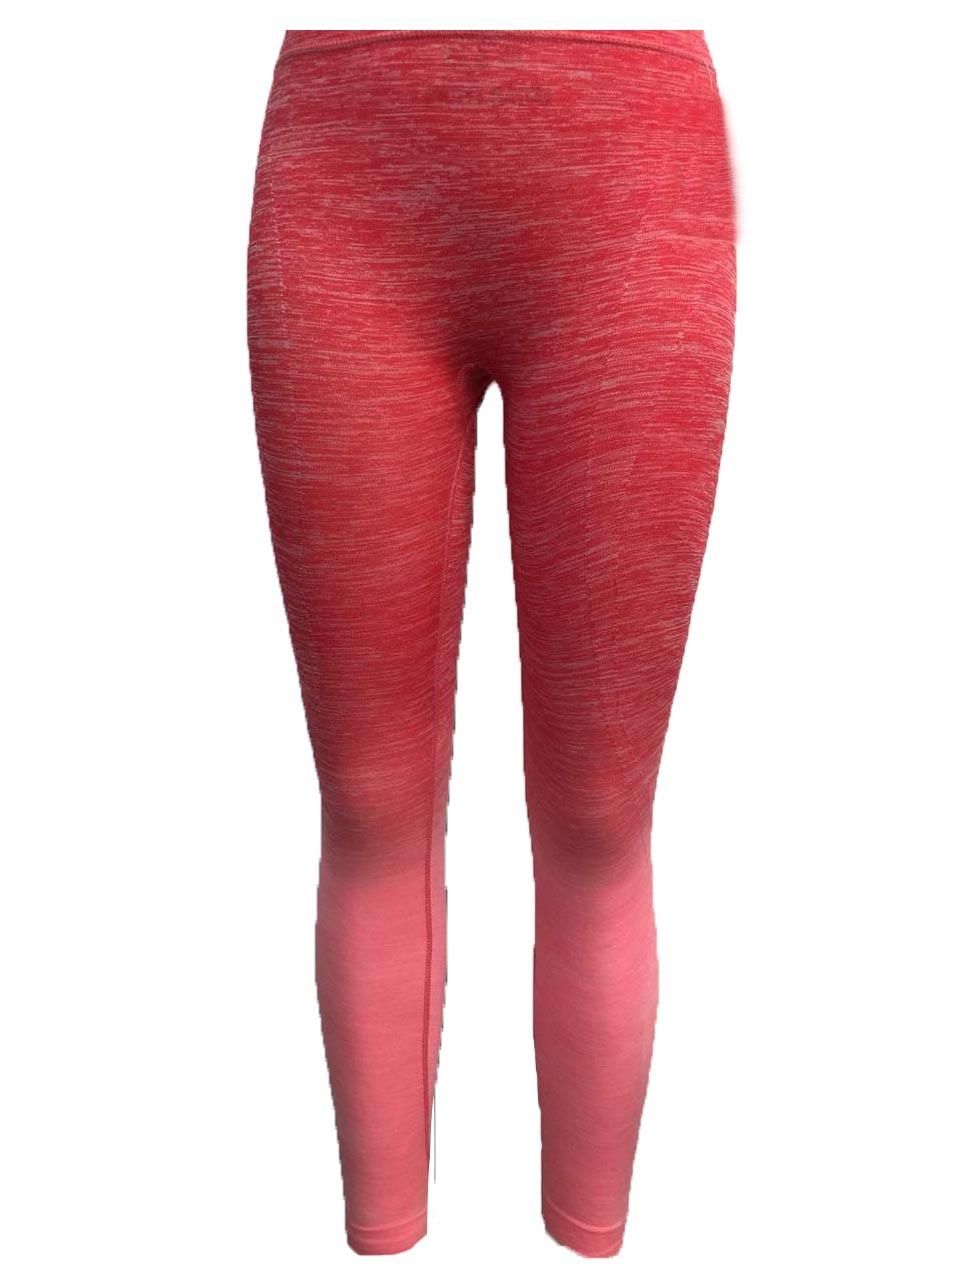 Women′s Seamless Long Pants